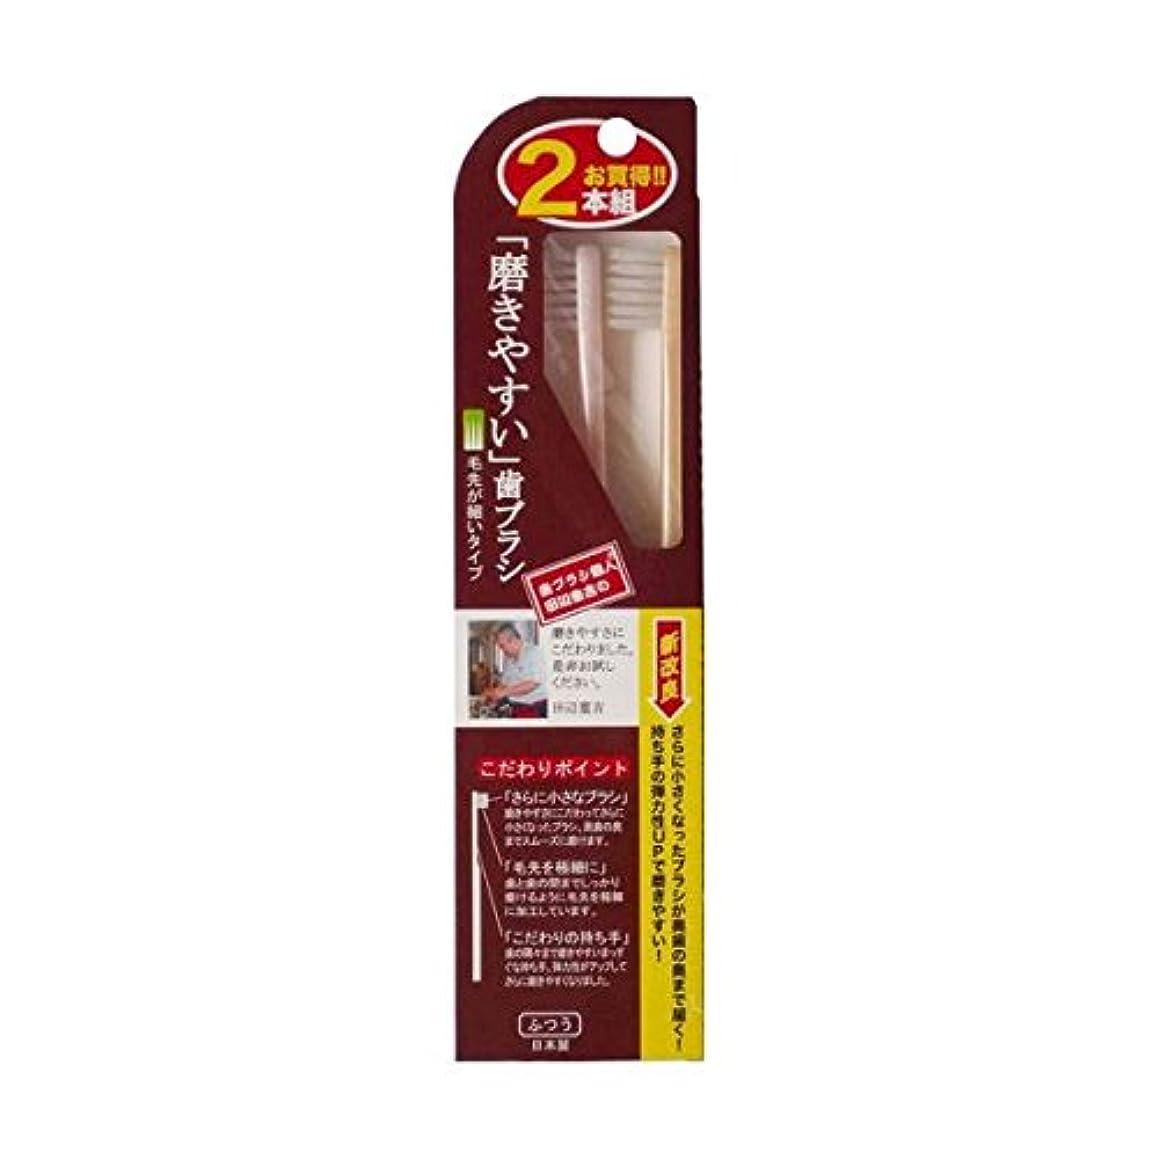 【お徳用 2 セット】 磨きやすい歯ブラシ 先細 LT-07 2本組×2セット